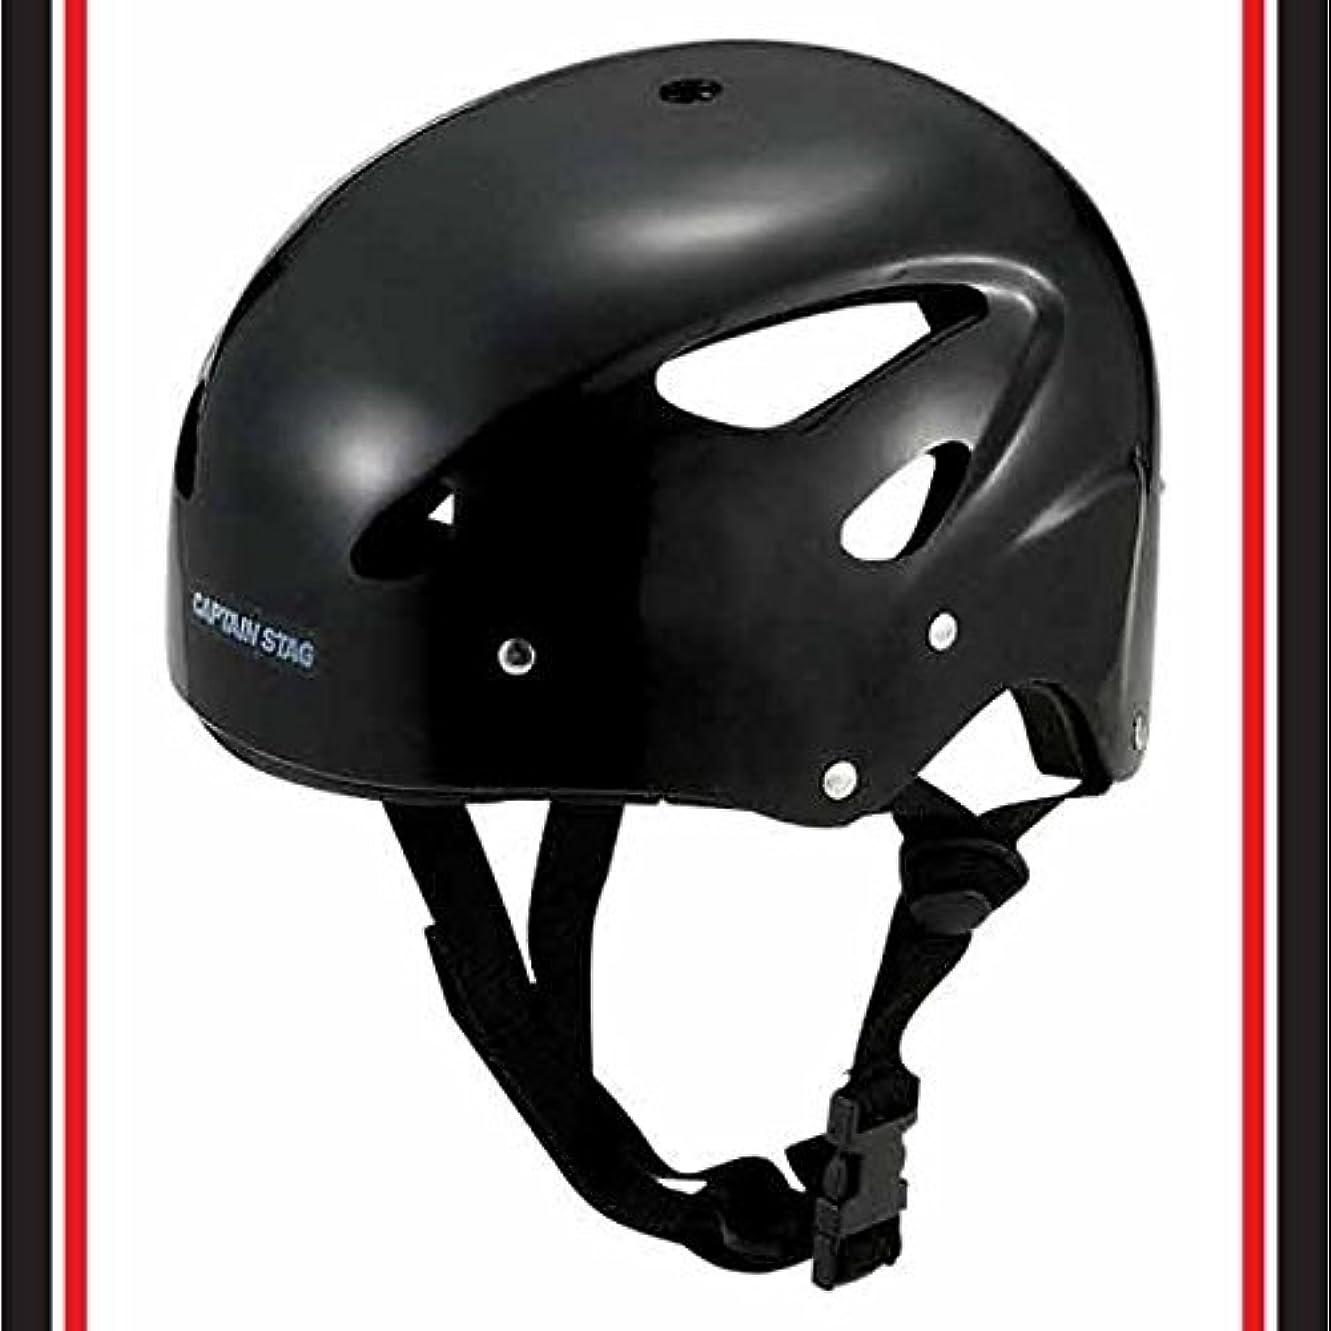 血まみれローラージェットキャプテンスタッグ(CAPTAIN STAG) スポーツ ヘルメット CS ブラックMC-3548